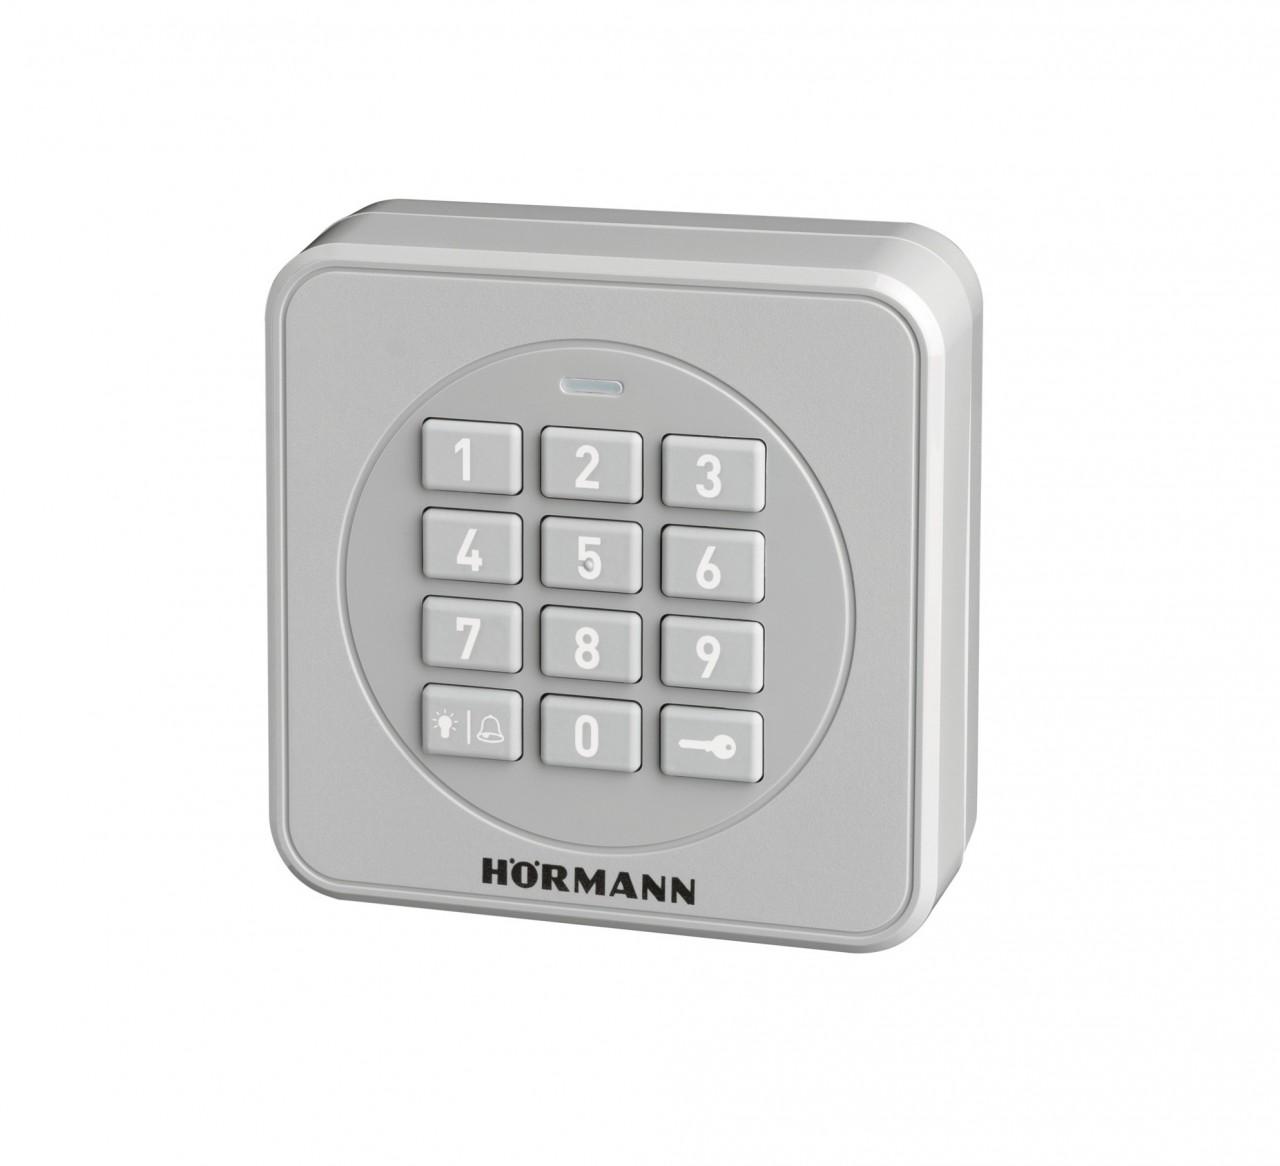 Hörmann Funk Codetaster FCT3-1 BS 868 MHz BiSecur